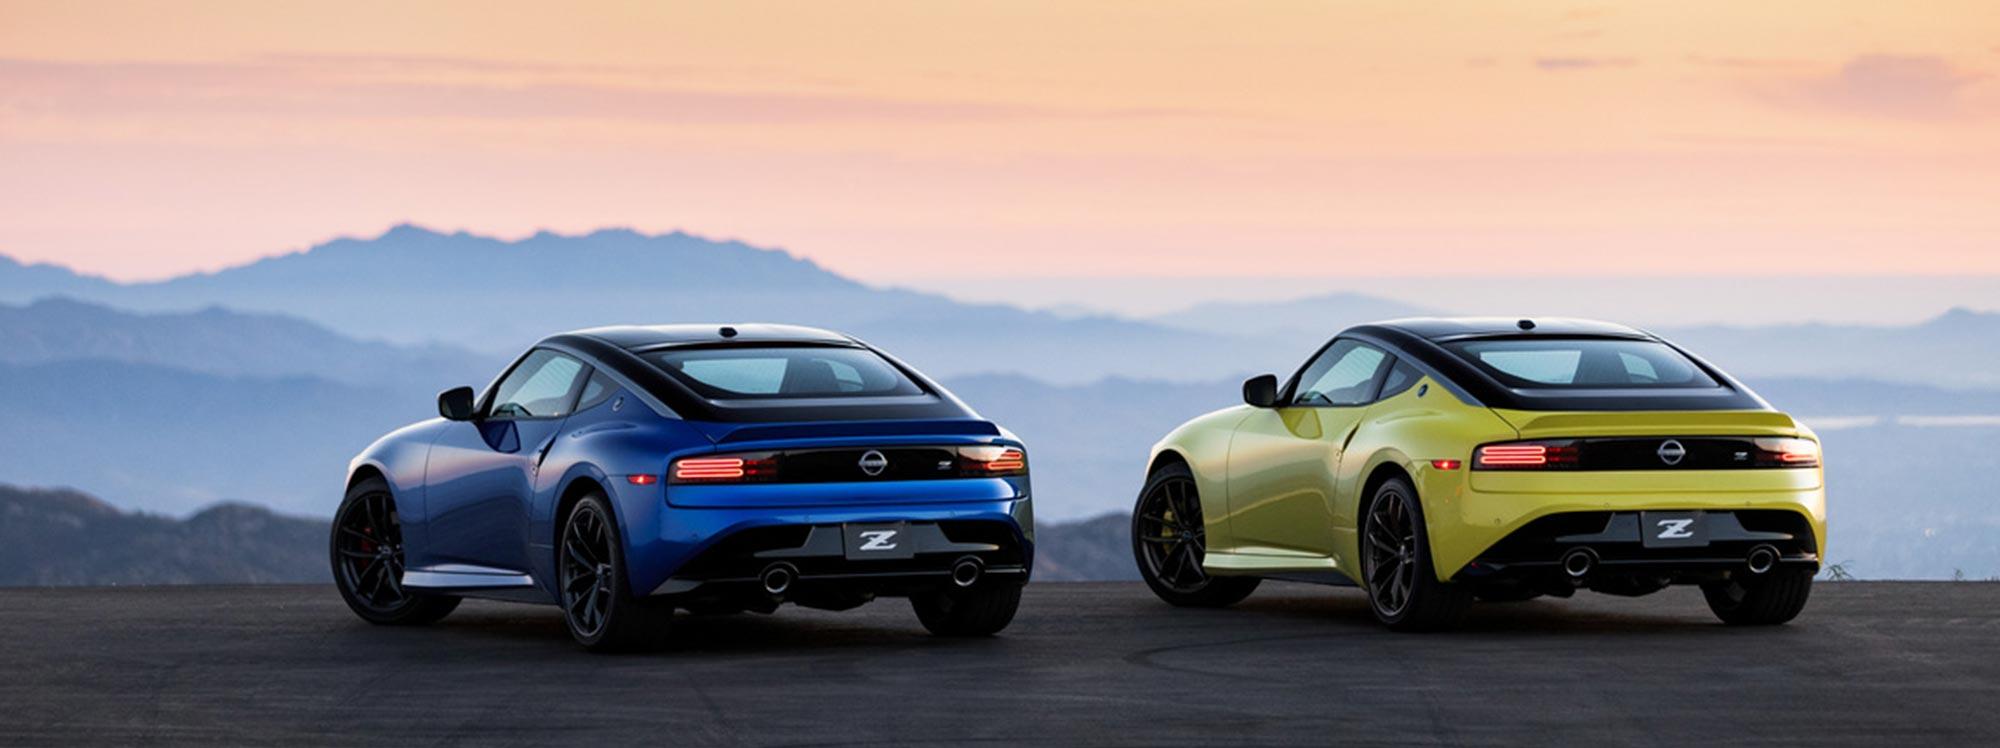 Nissan: Una nueva versión del deportivo Z